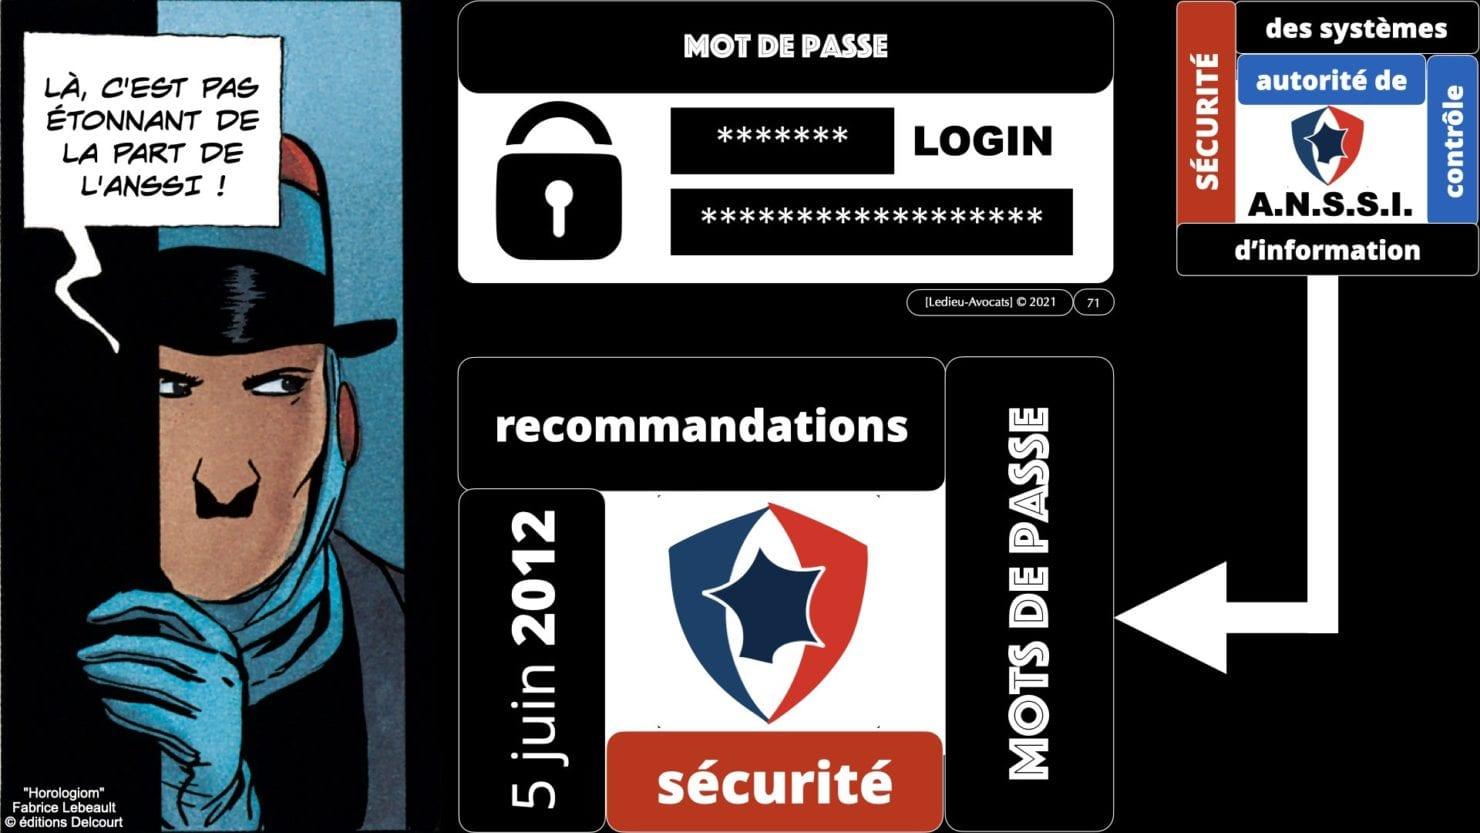 342 cyber sécurité #2 OIV OSE analyse risque EBIOS RM © Ledieu-avocat 15-07-2021.071